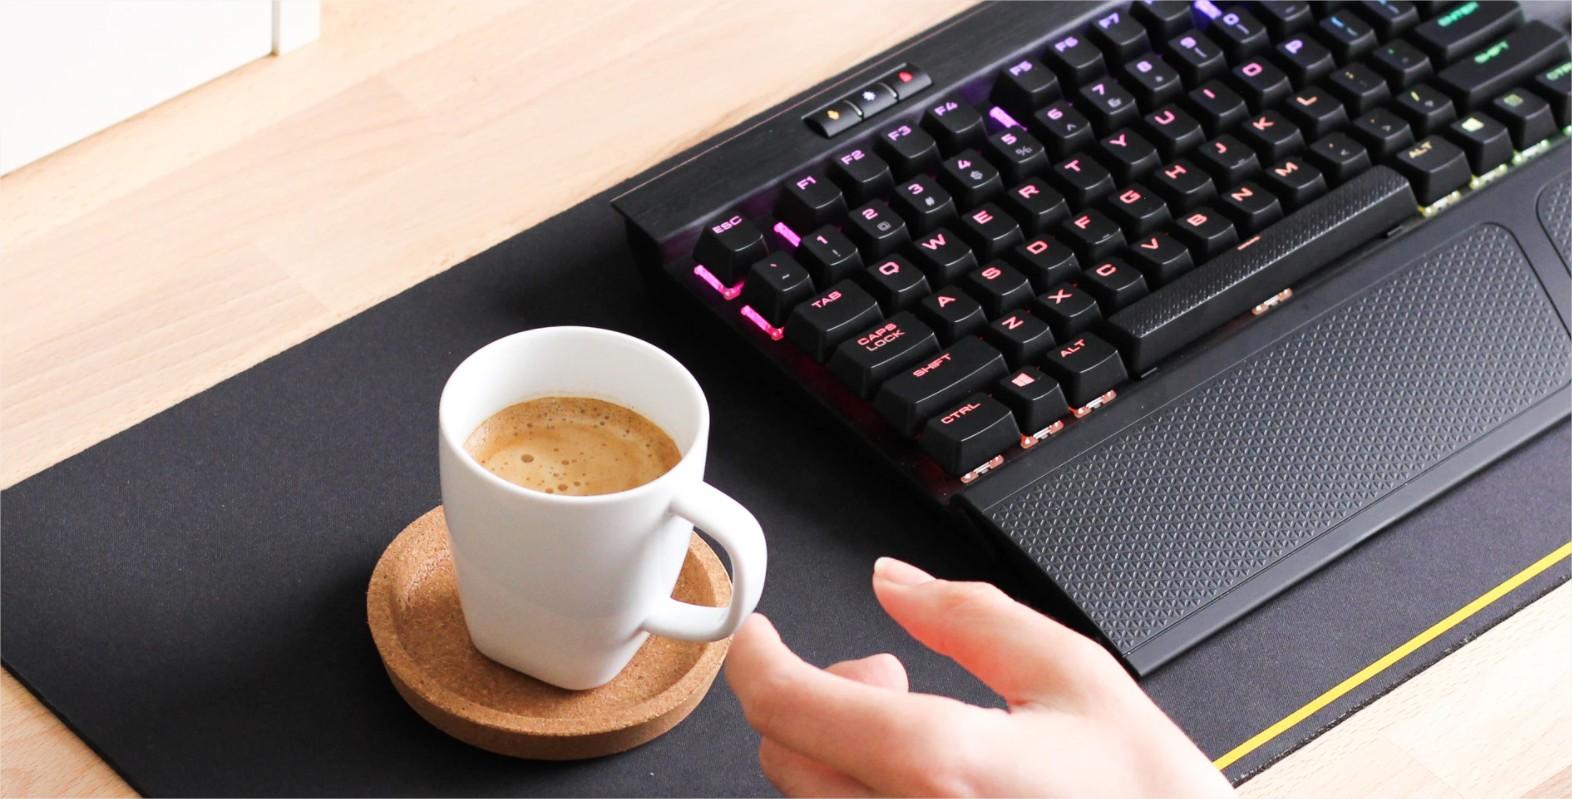 teclado mecânico - conheça os modelos